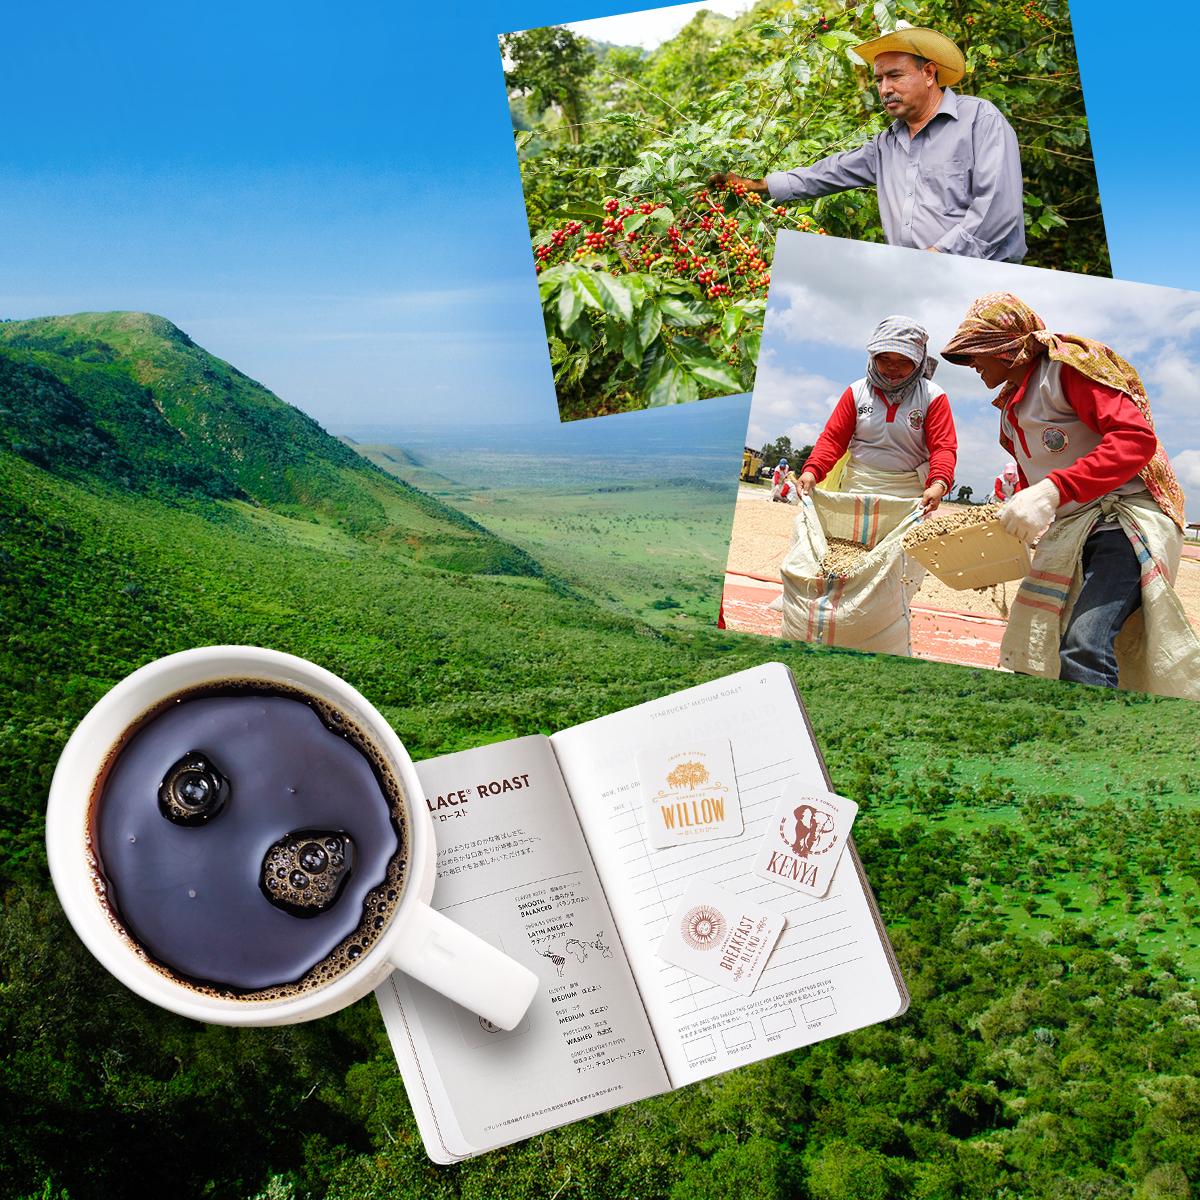 [季節のコーヒー] 個性豊かな生産地に想いをはせる、夏のコーヒージャーニーへ